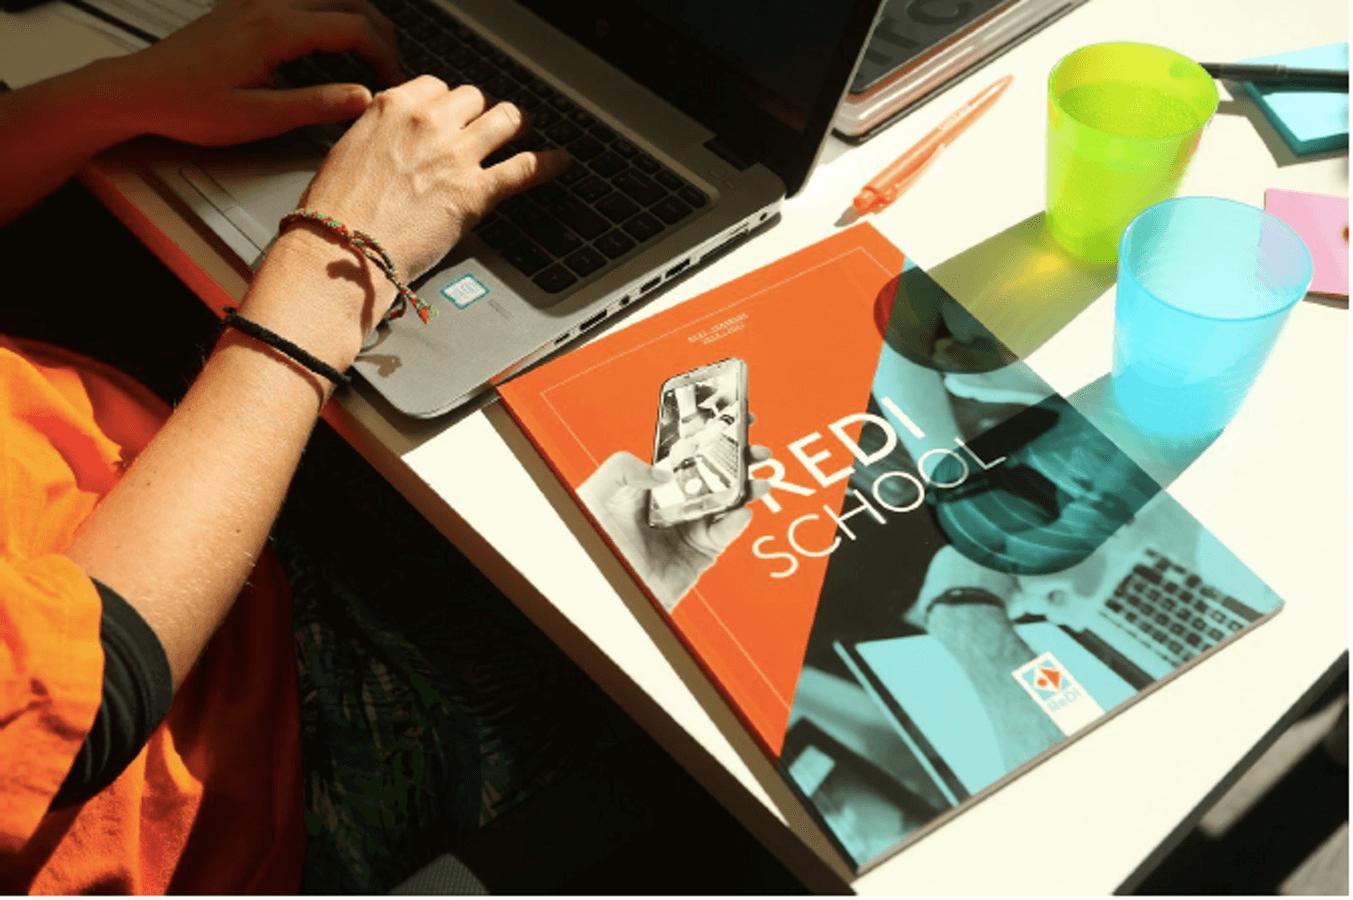 مدرسة مجانية لتعلم لغات البرمجة في برلين